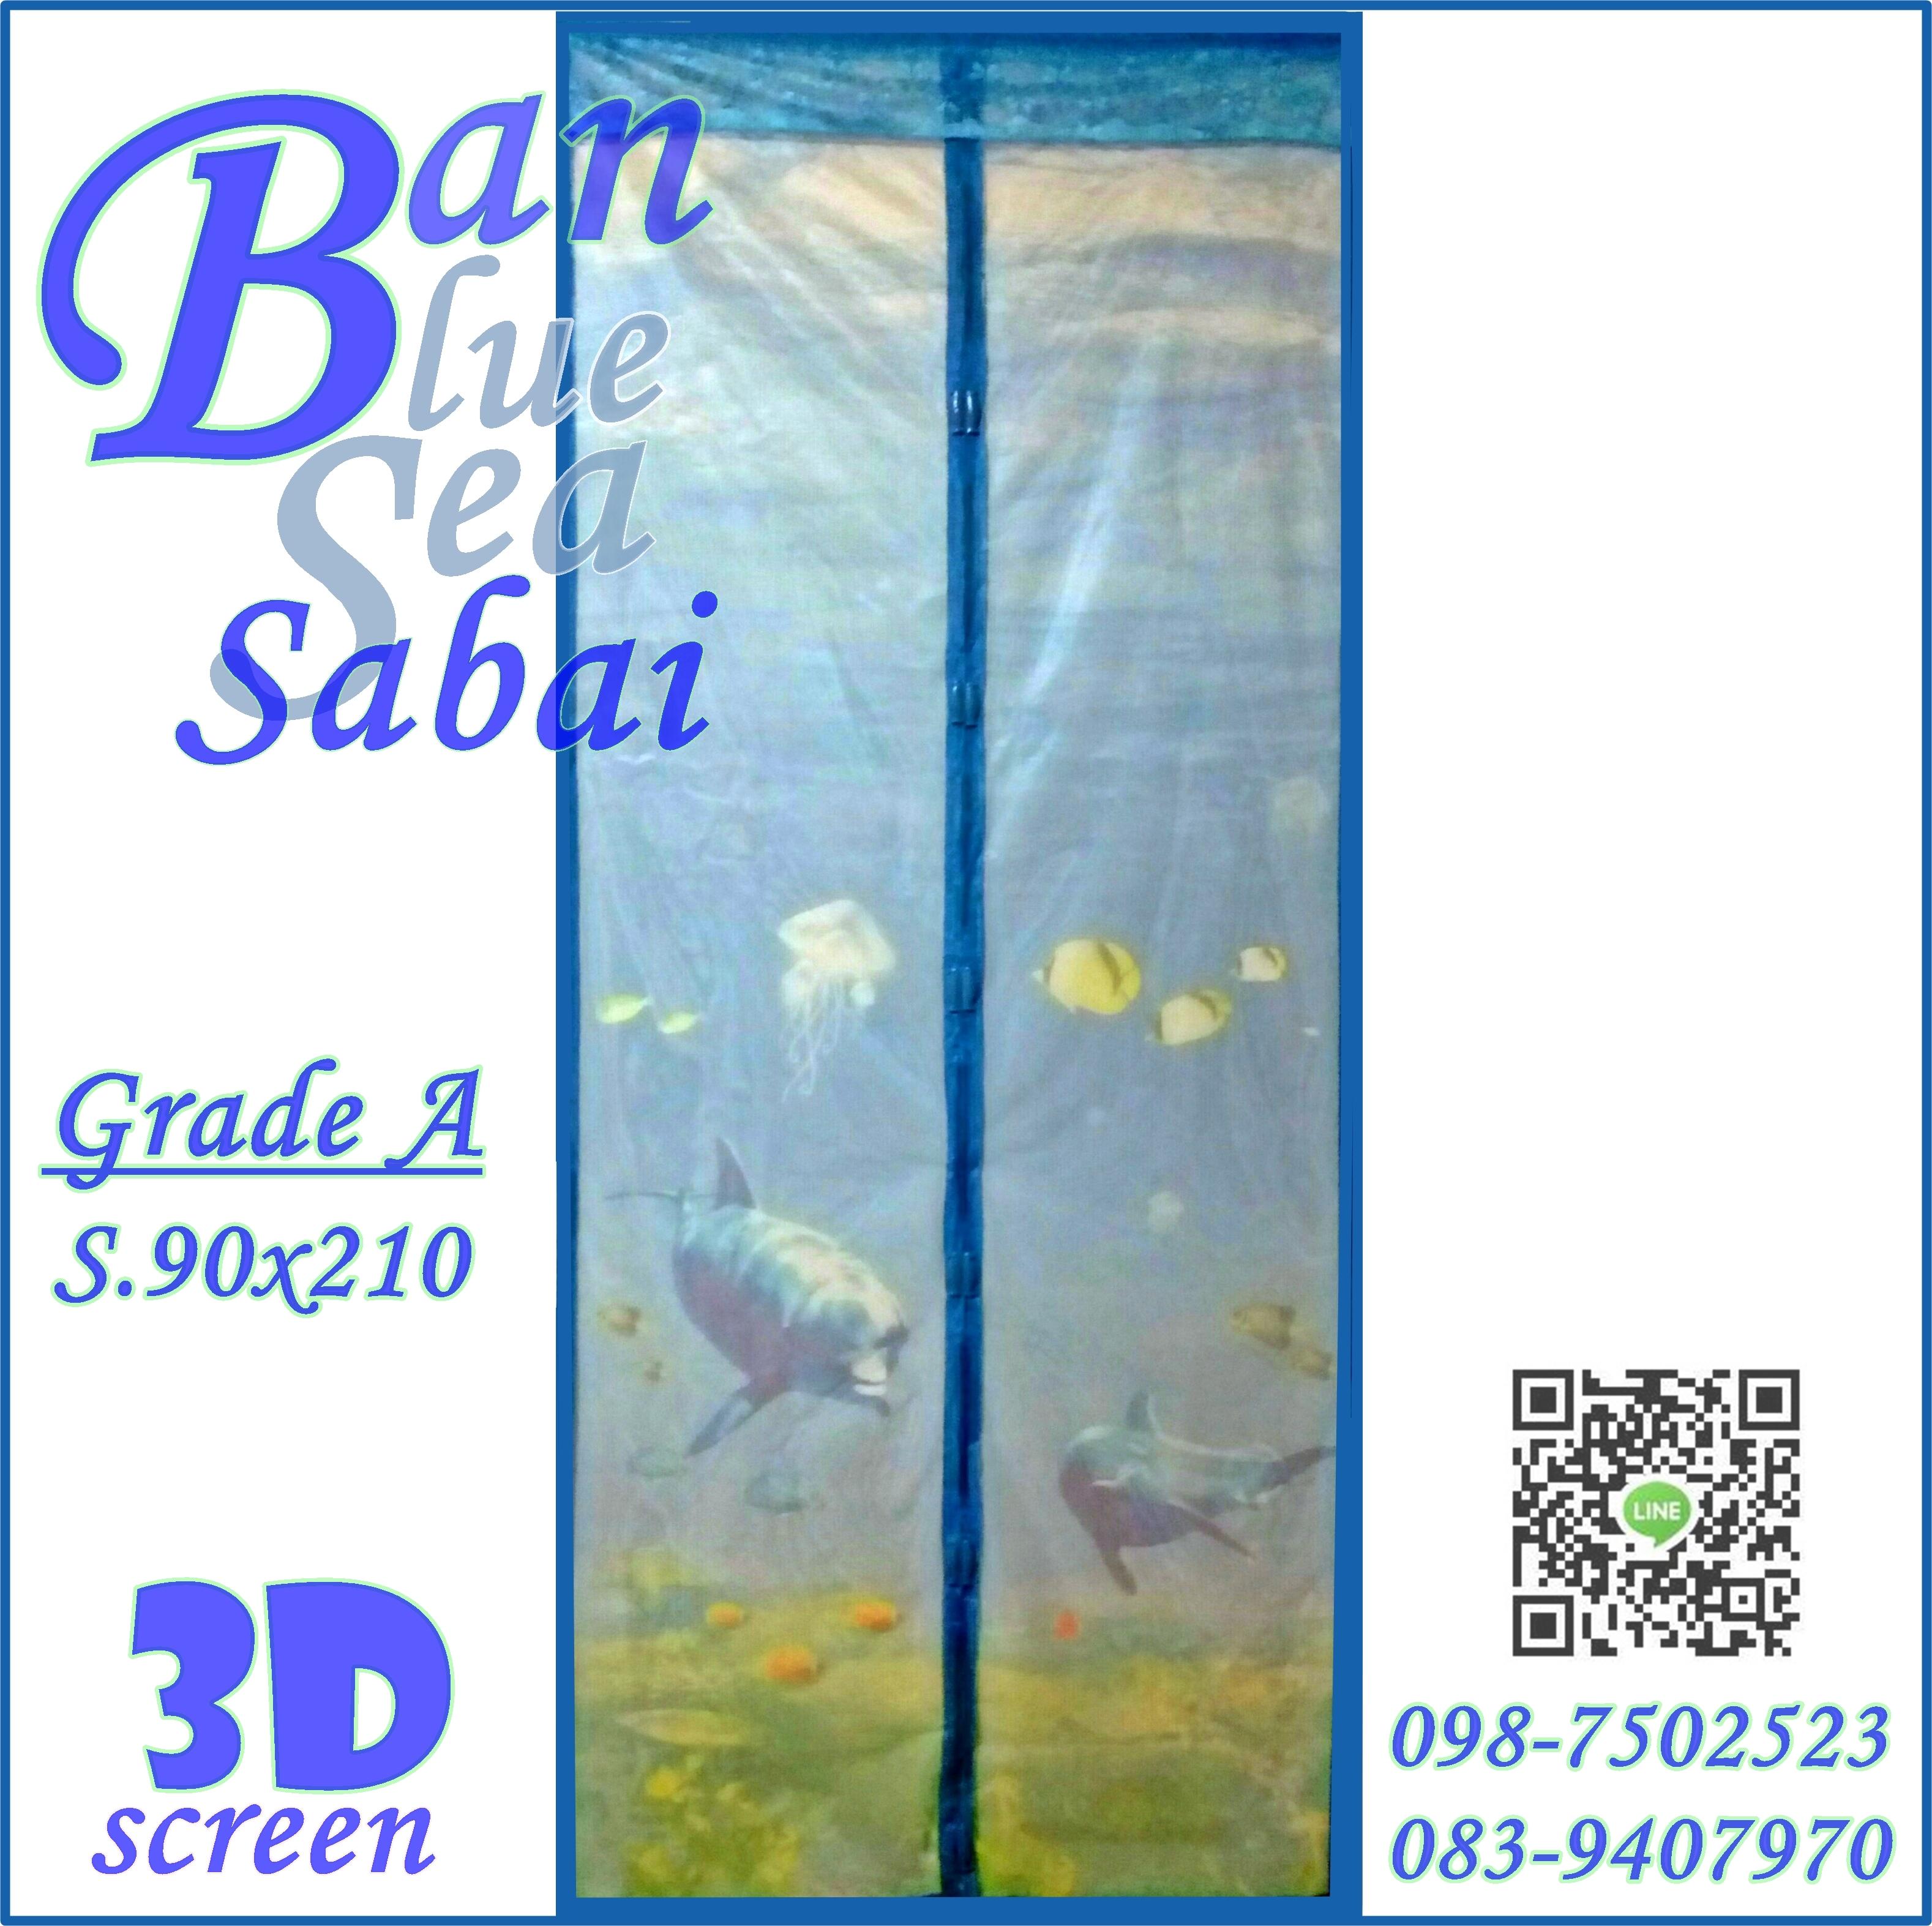 ม่านประตูกันยุง รุ่นเกรดเอ ไซส์ 90 แบบพิมพ์ลายใต้ทะเล3D สีฟ้า